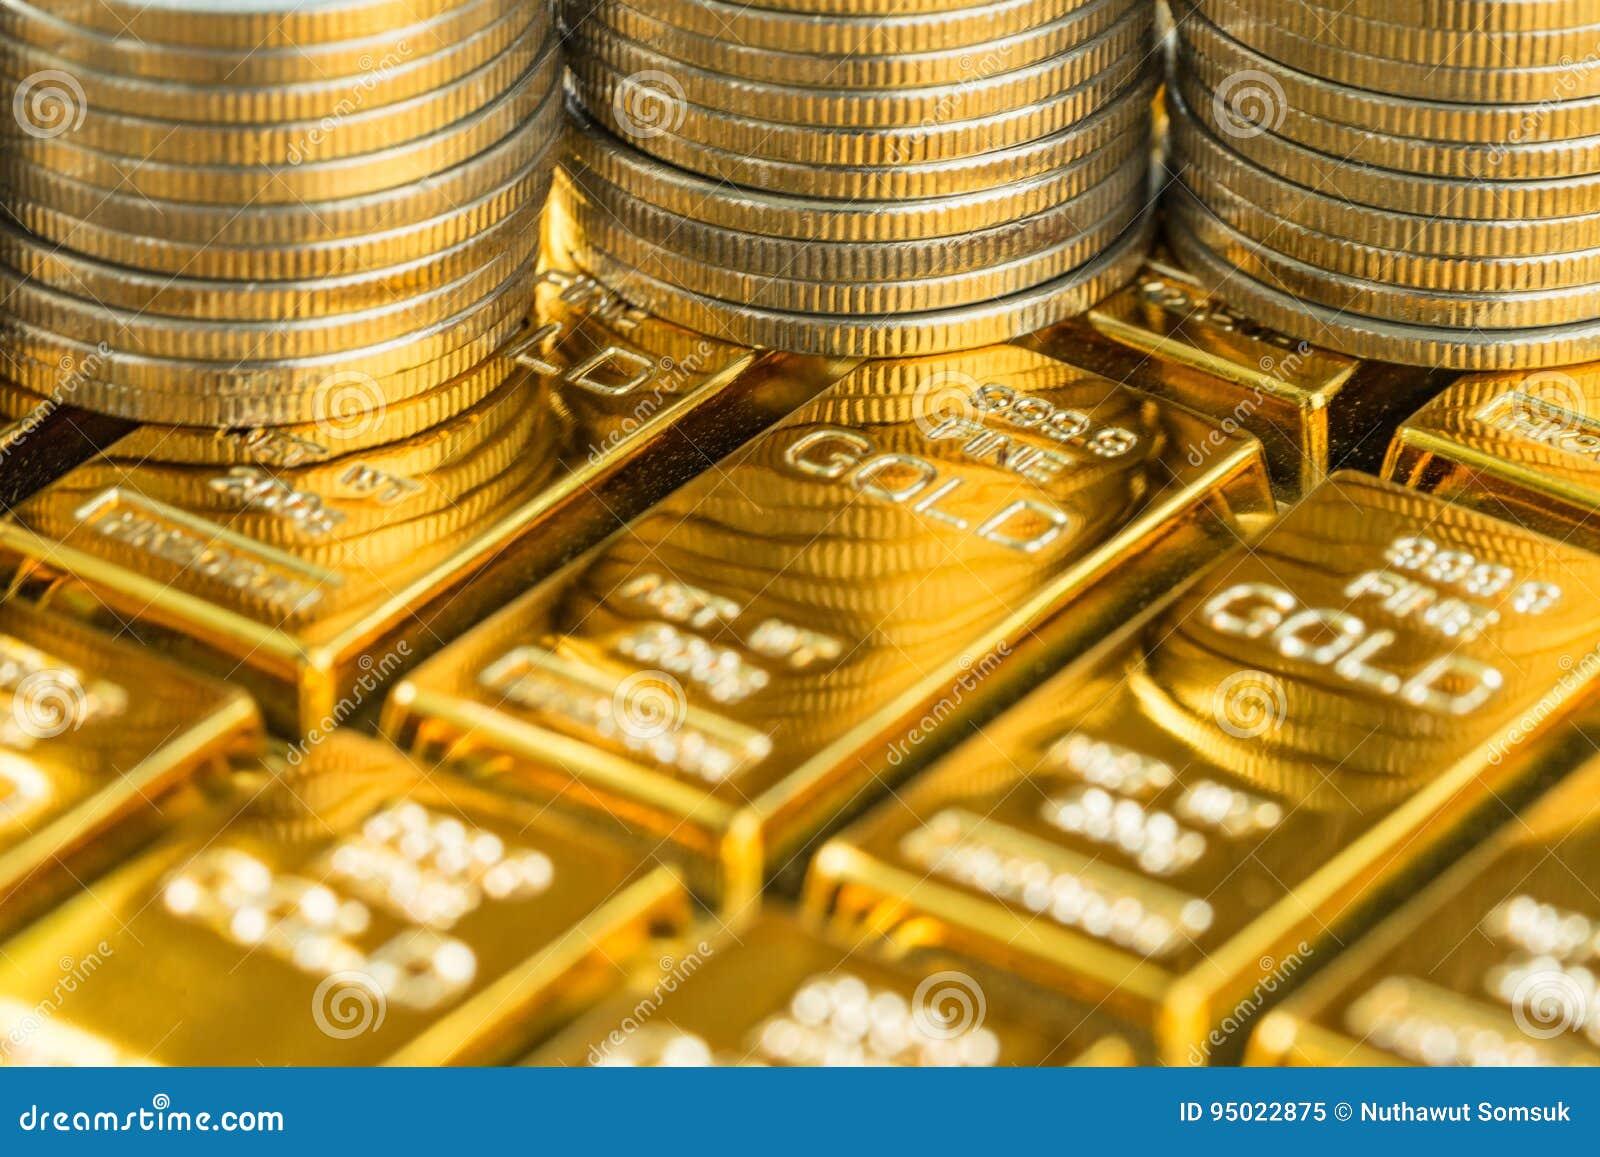 Cerrado encima del tiro de las barras de oro brillantes con la pila de monedas como negocio